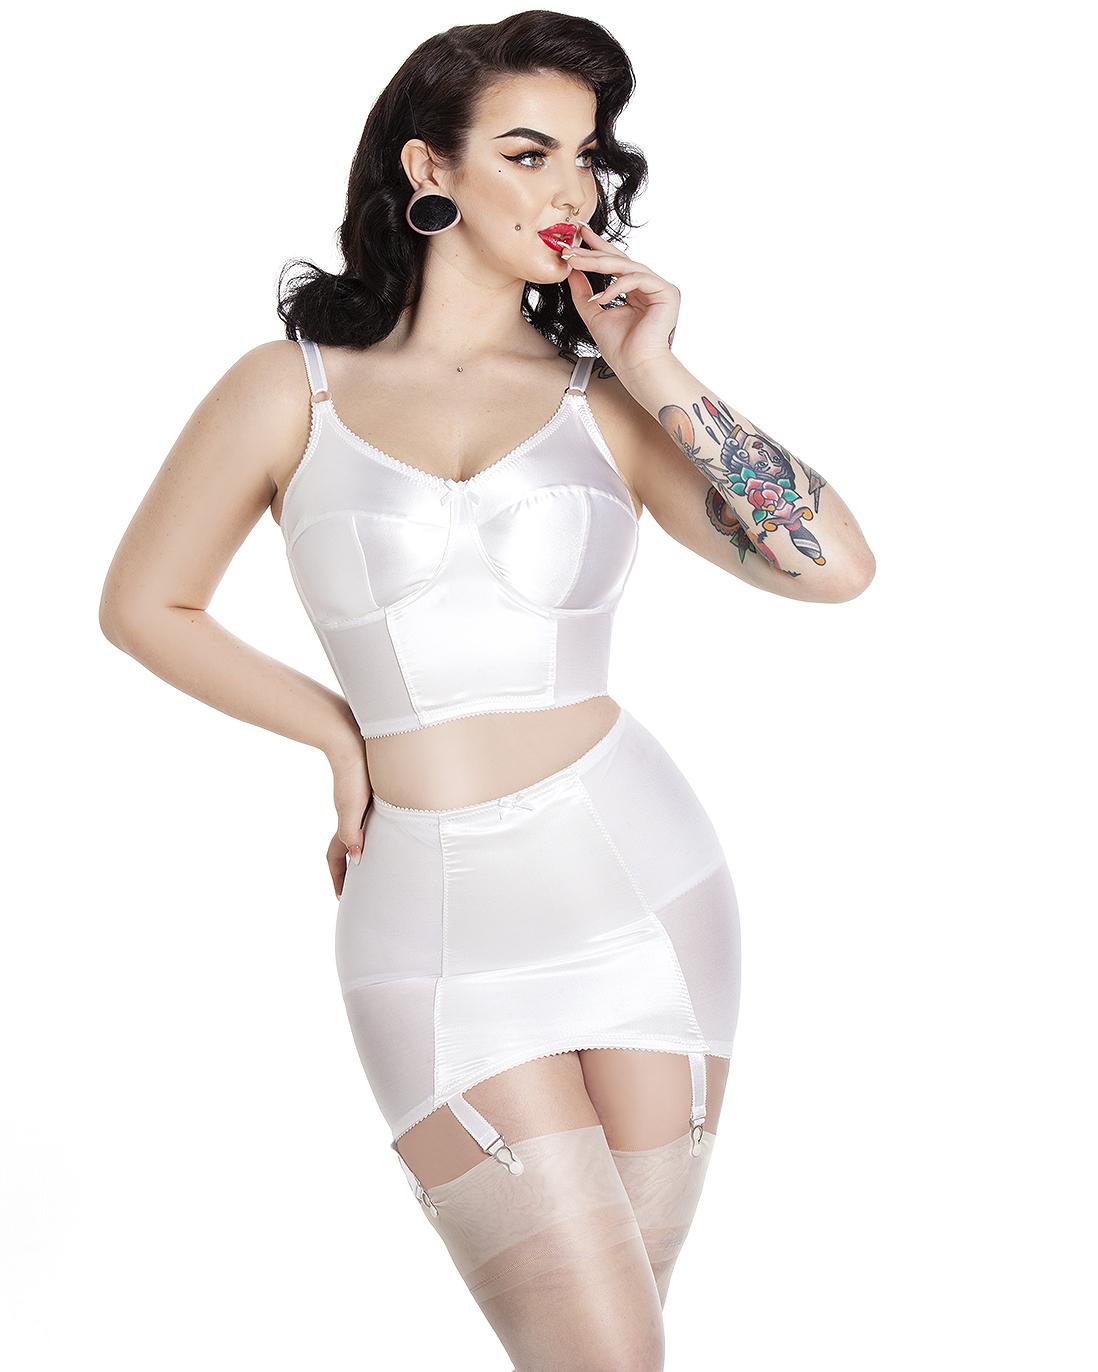 Tallulah Vintage Style Girdle - Wimbledon White - Cosmic Girl Clothing